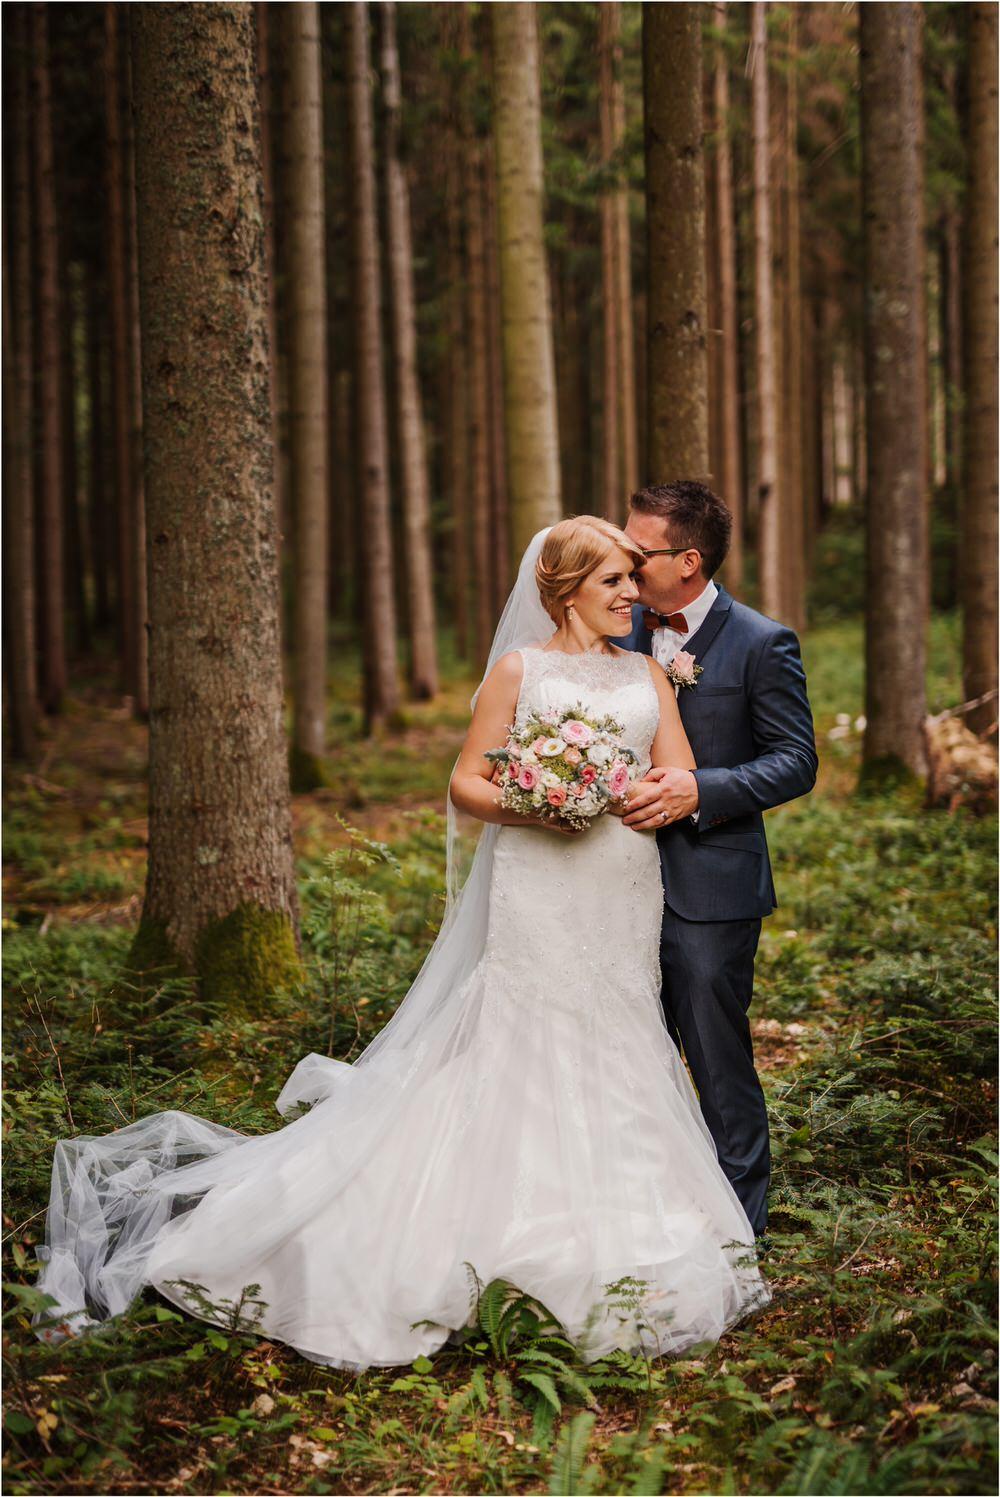 tuscany italy wedding photographer croatia austria france ireland lake bled engagement wedding porocni fotograf 0044.jpg